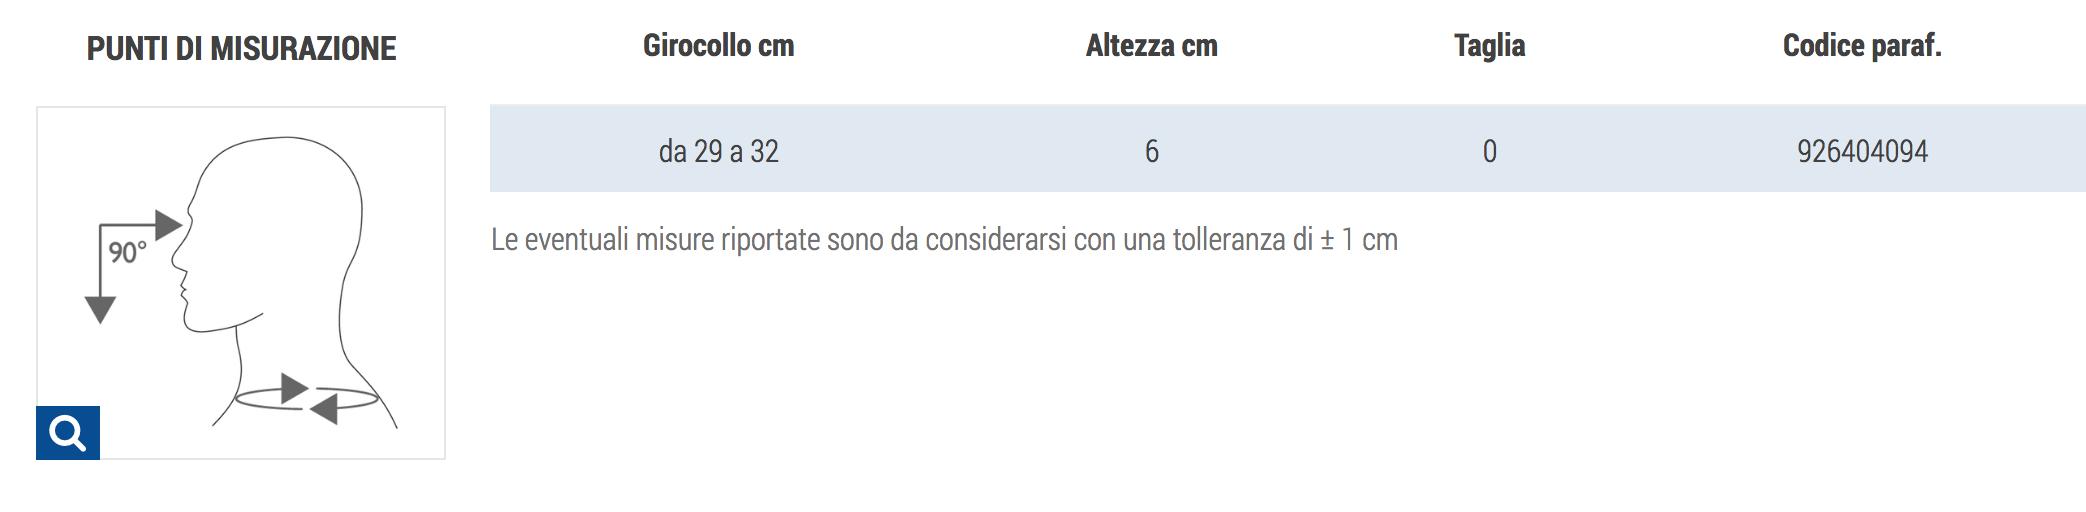 COLLARE CERVICALE MORBIDO - LINEA JUNIOR - Collare cervicale